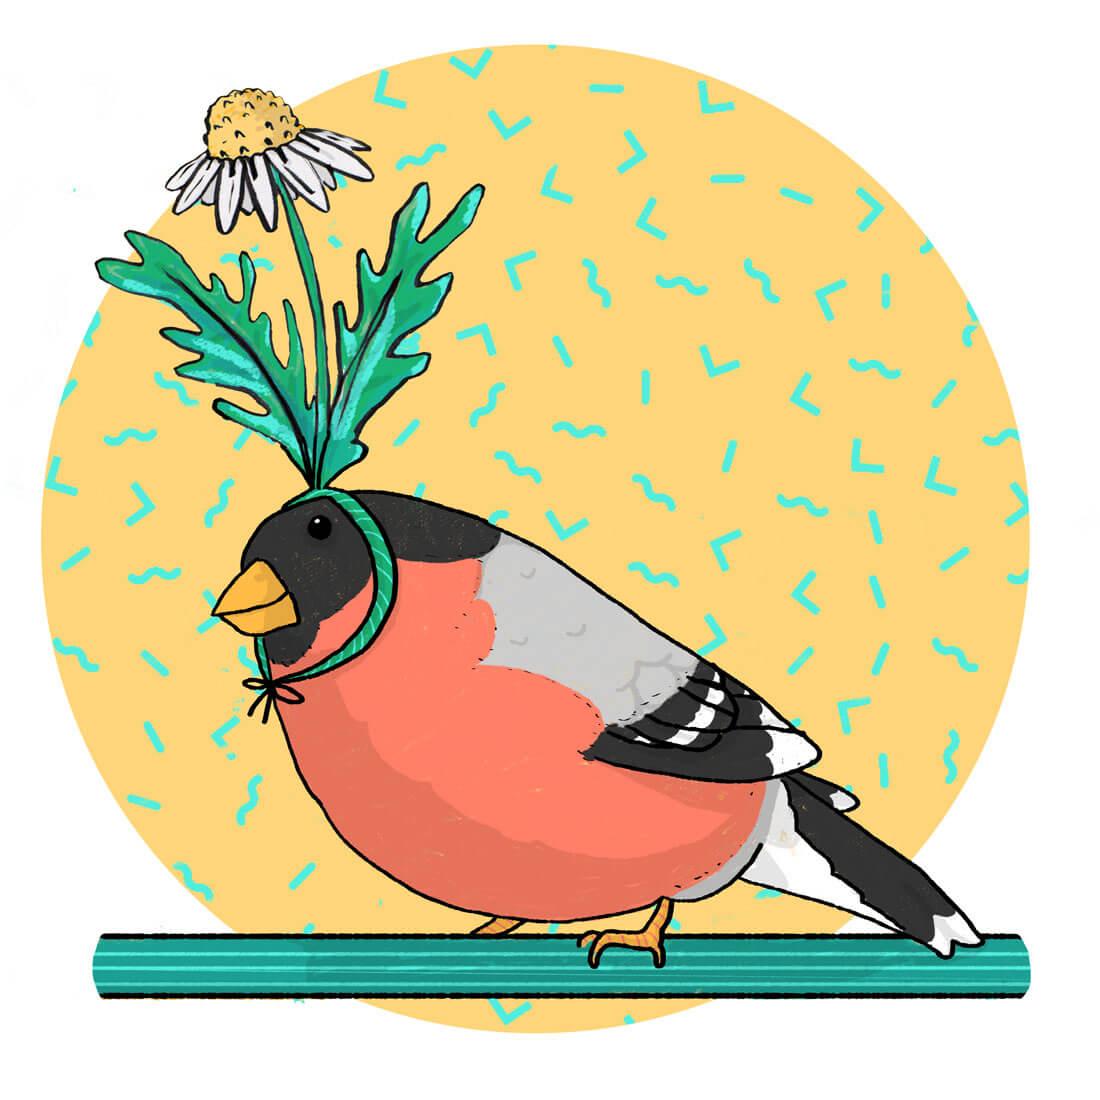 bird-of-a-feather-illustration-tostoini